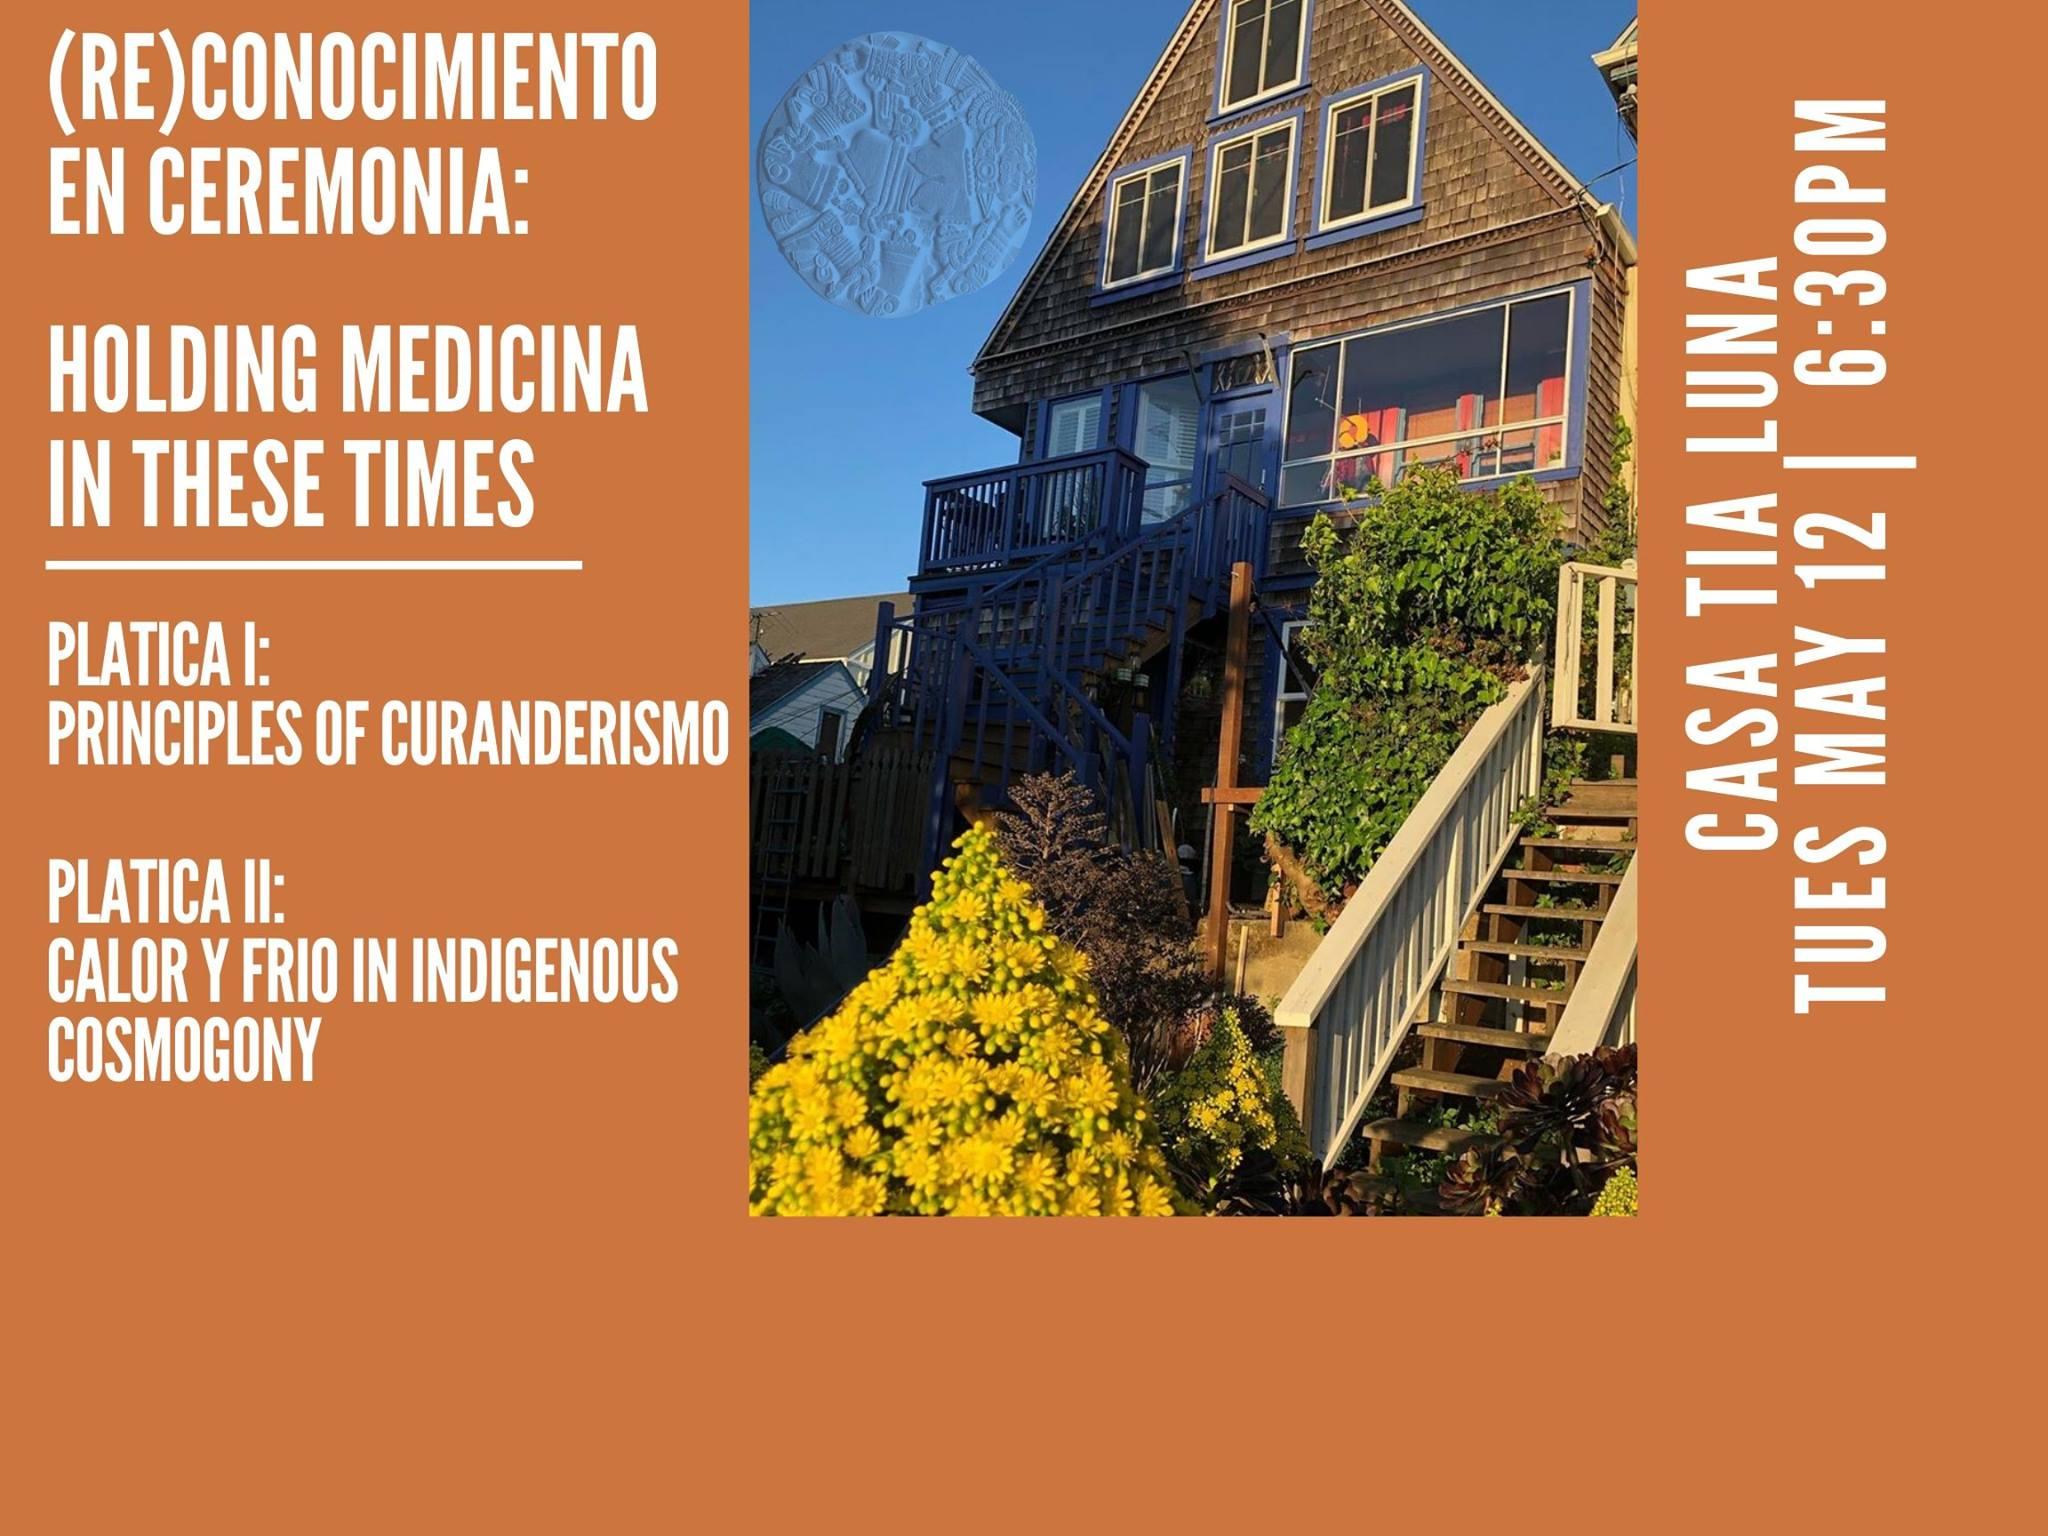 ReConocimiento en Ceremonia: Holding Medicina In These Times - A Platica by Estela Roman May 12